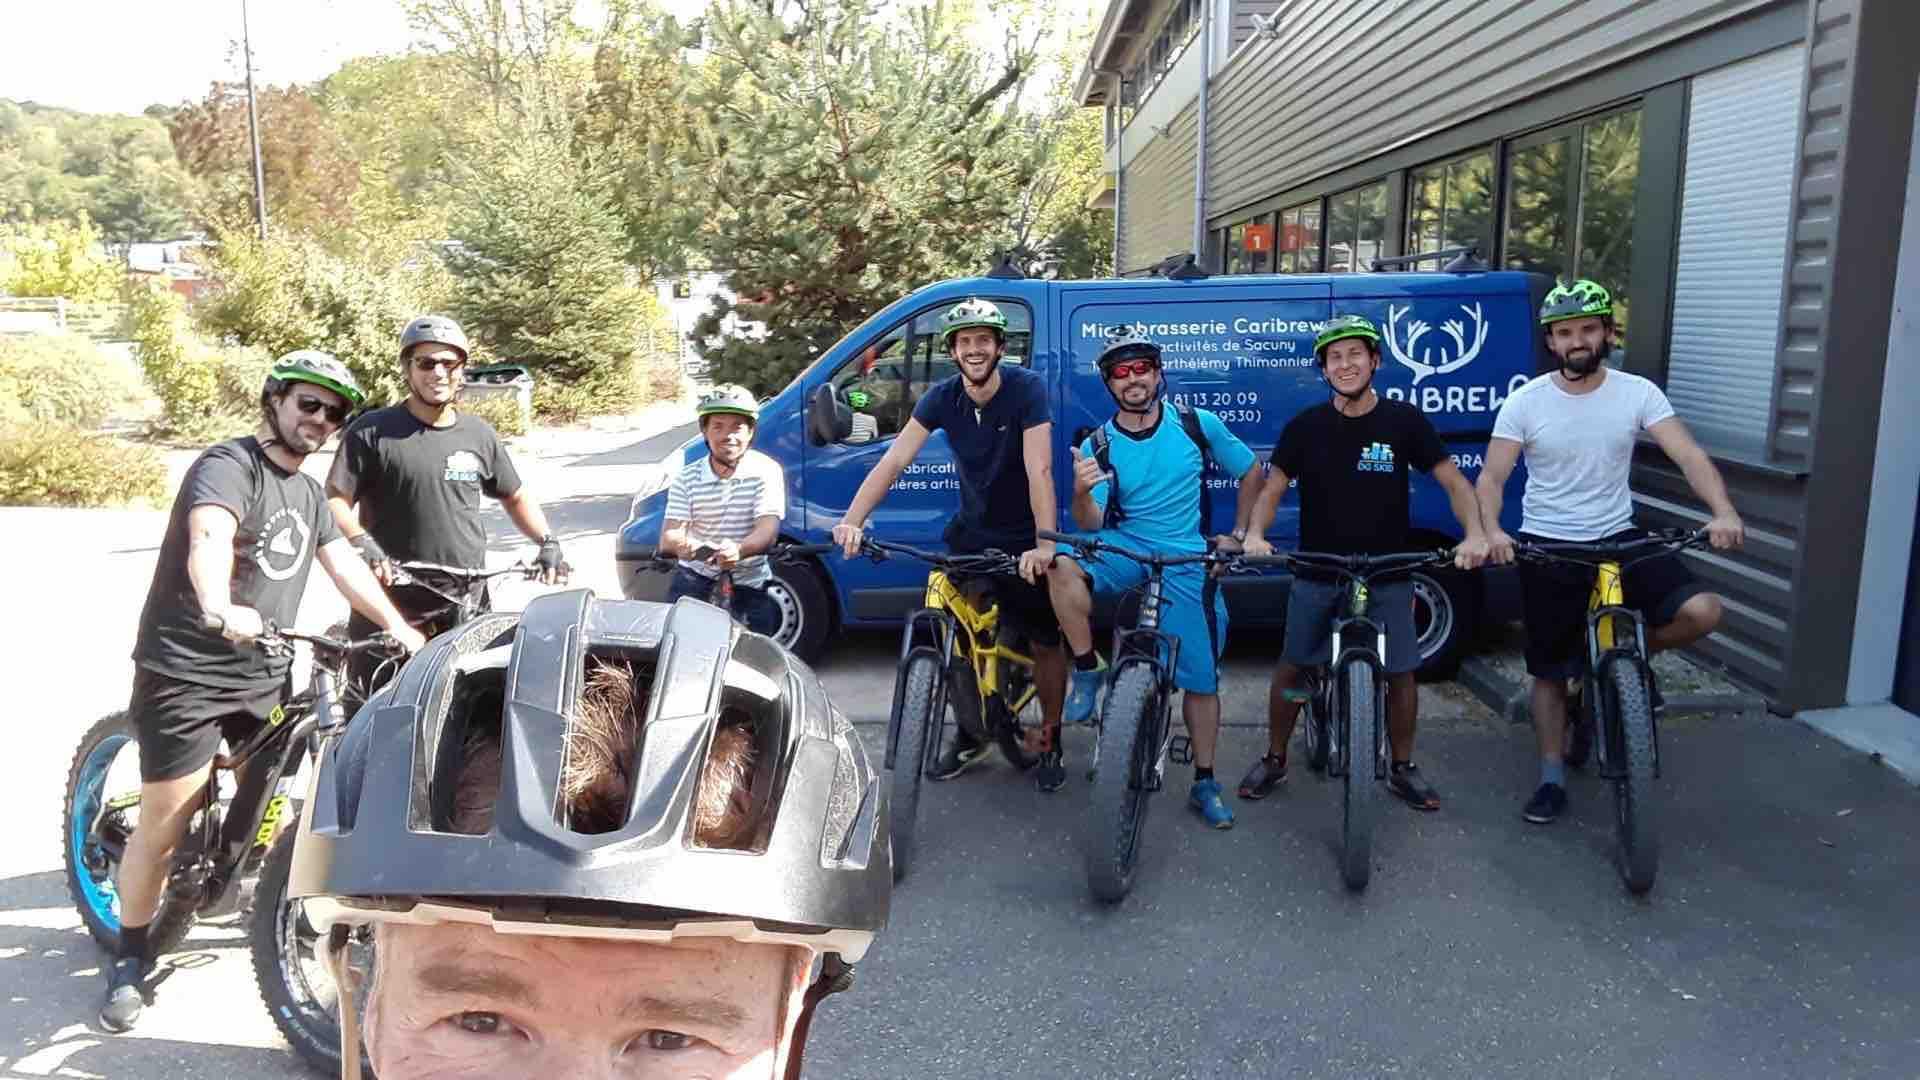 Les entrepreneurs chez Caribrew, MyTechnology, DG SKID avec le responsable de la pépinière de la vallée du Garon à Brignais